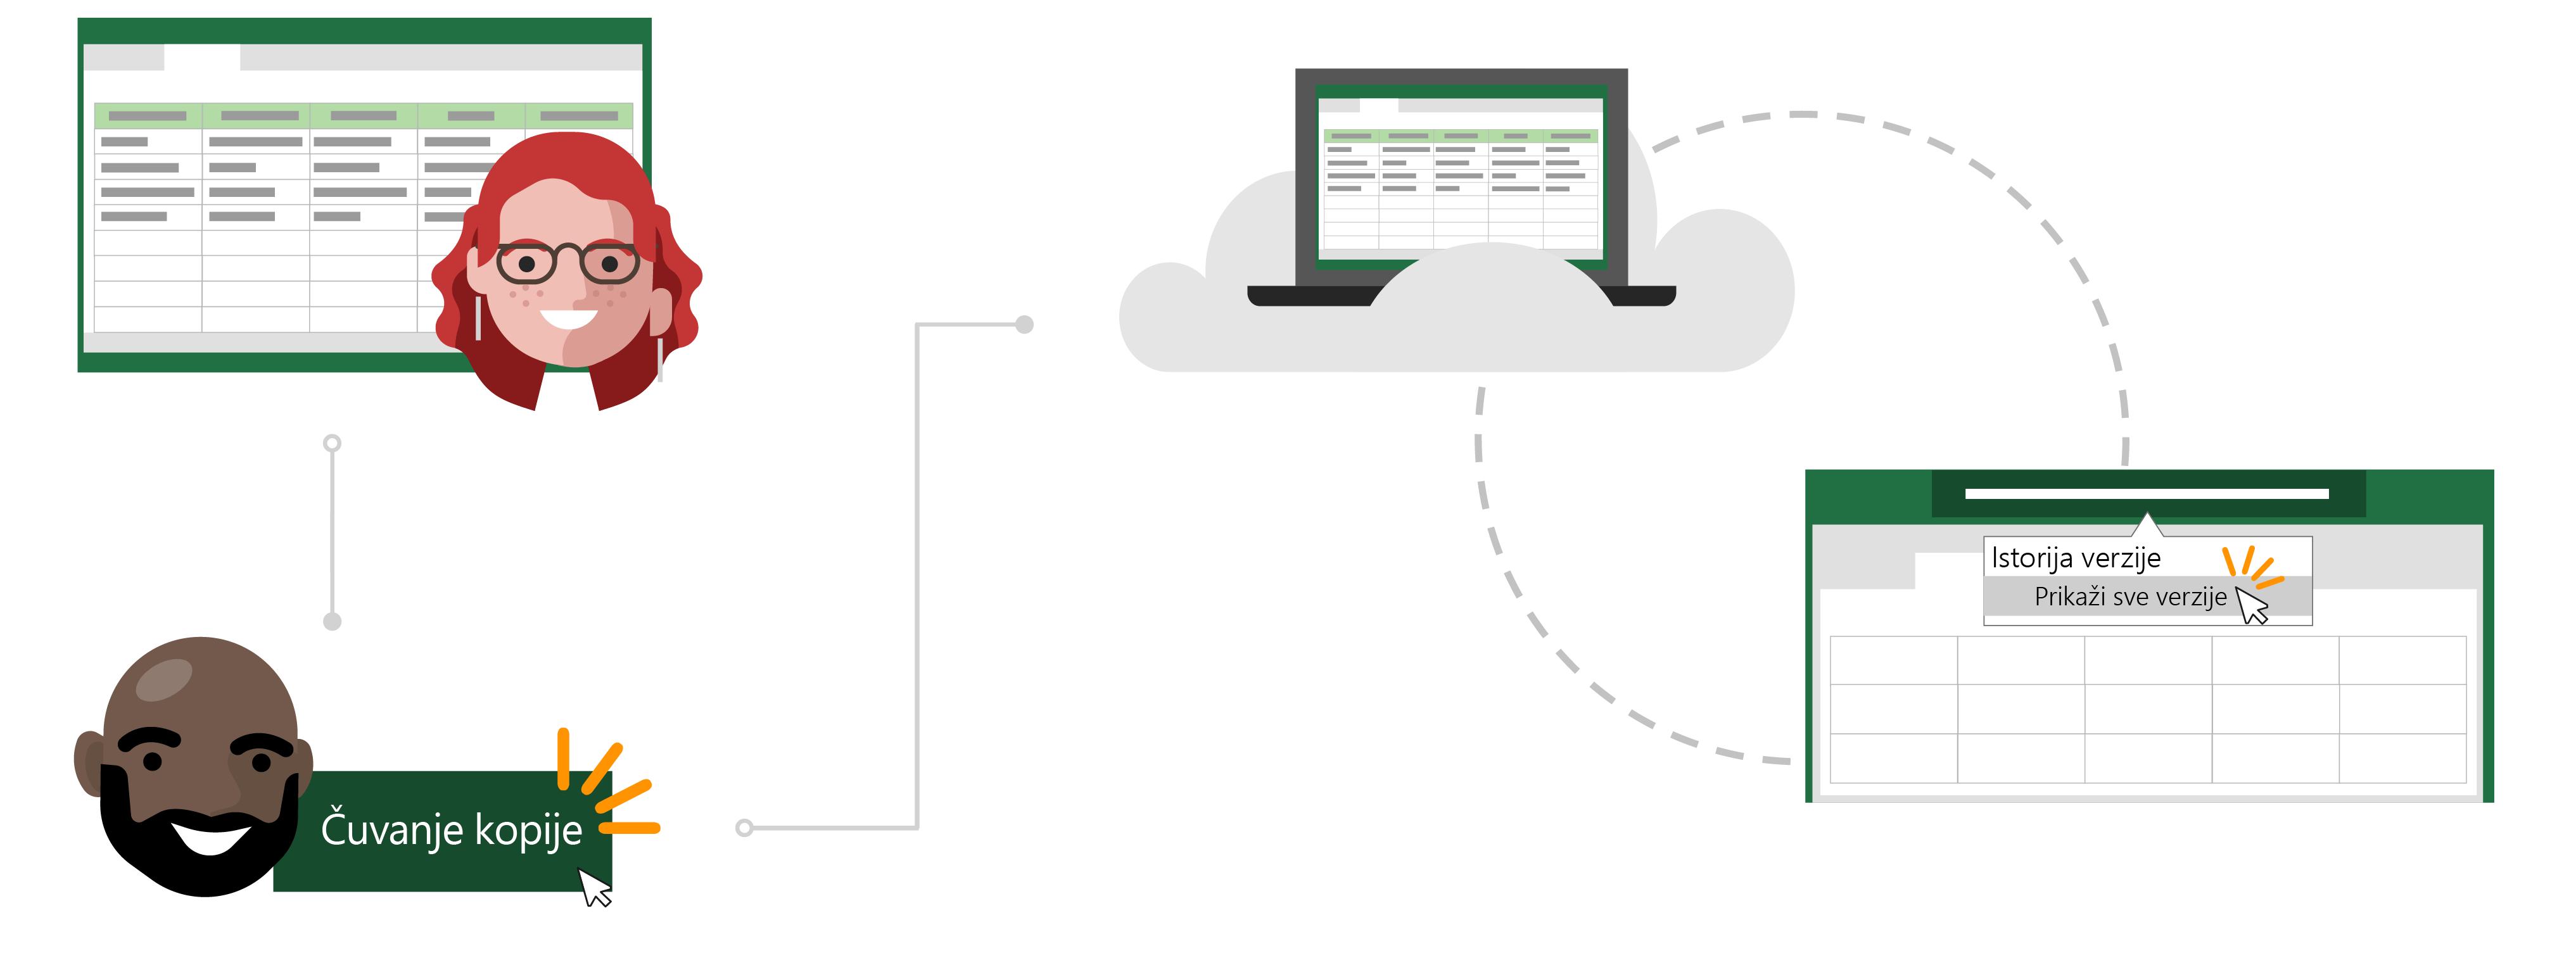 Korišćenje postojeće datoteke u oblaku kao predložak za novu datoteku pomoću za kopiranje.